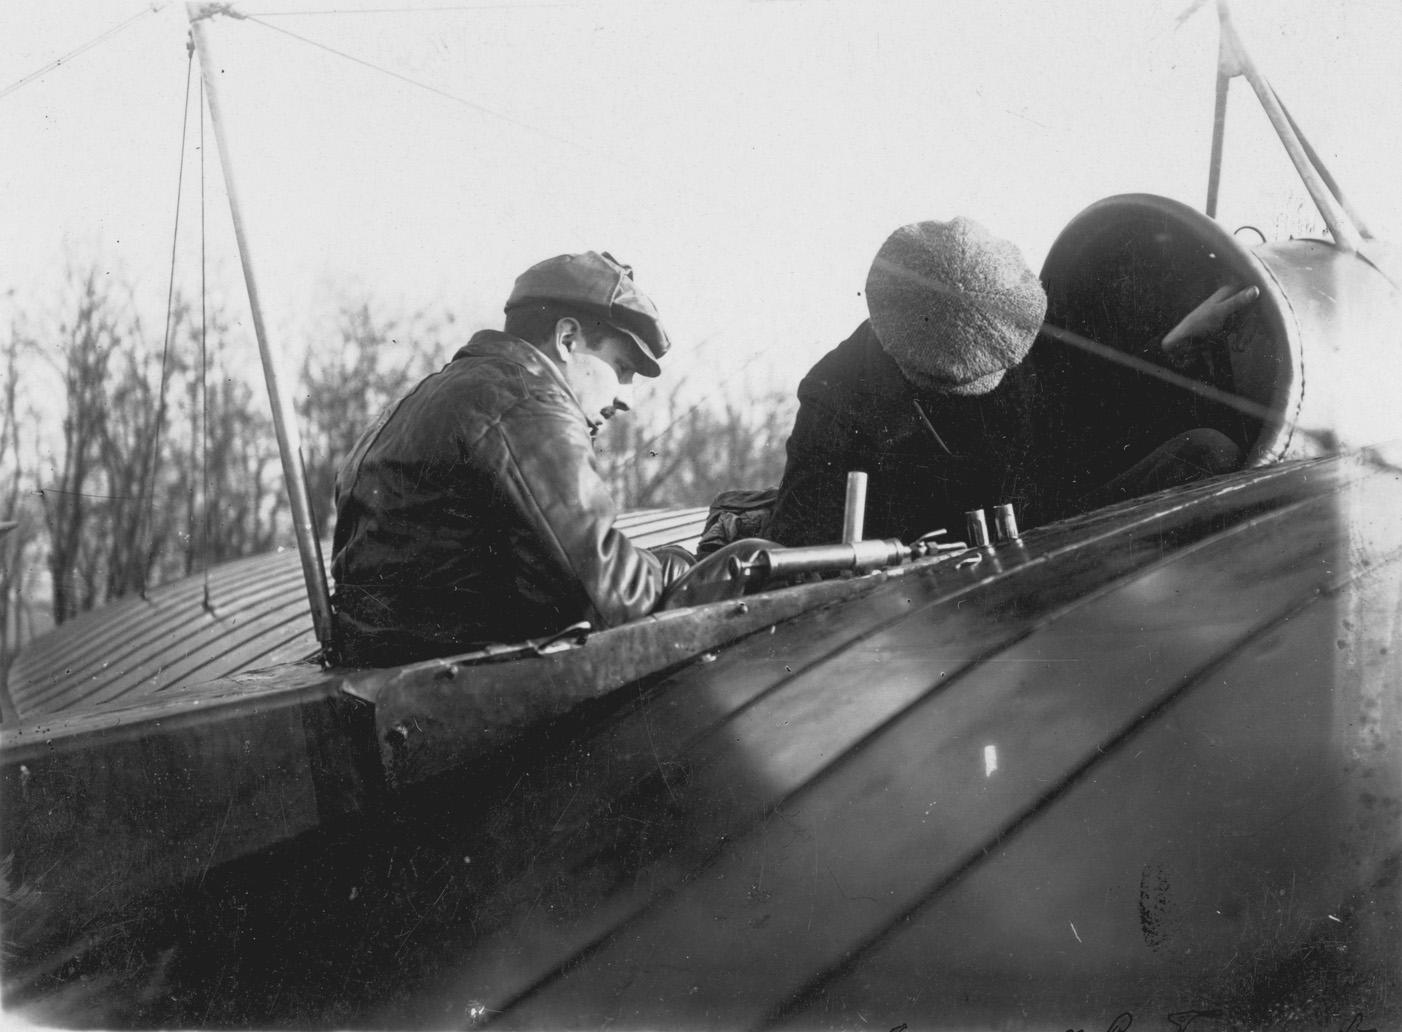 Русские летчик Агафонов и механик Савельев в кабине моноплана REP в Banjici, Сербия, Первая балканская война, 1912-1913 г.г..jpg